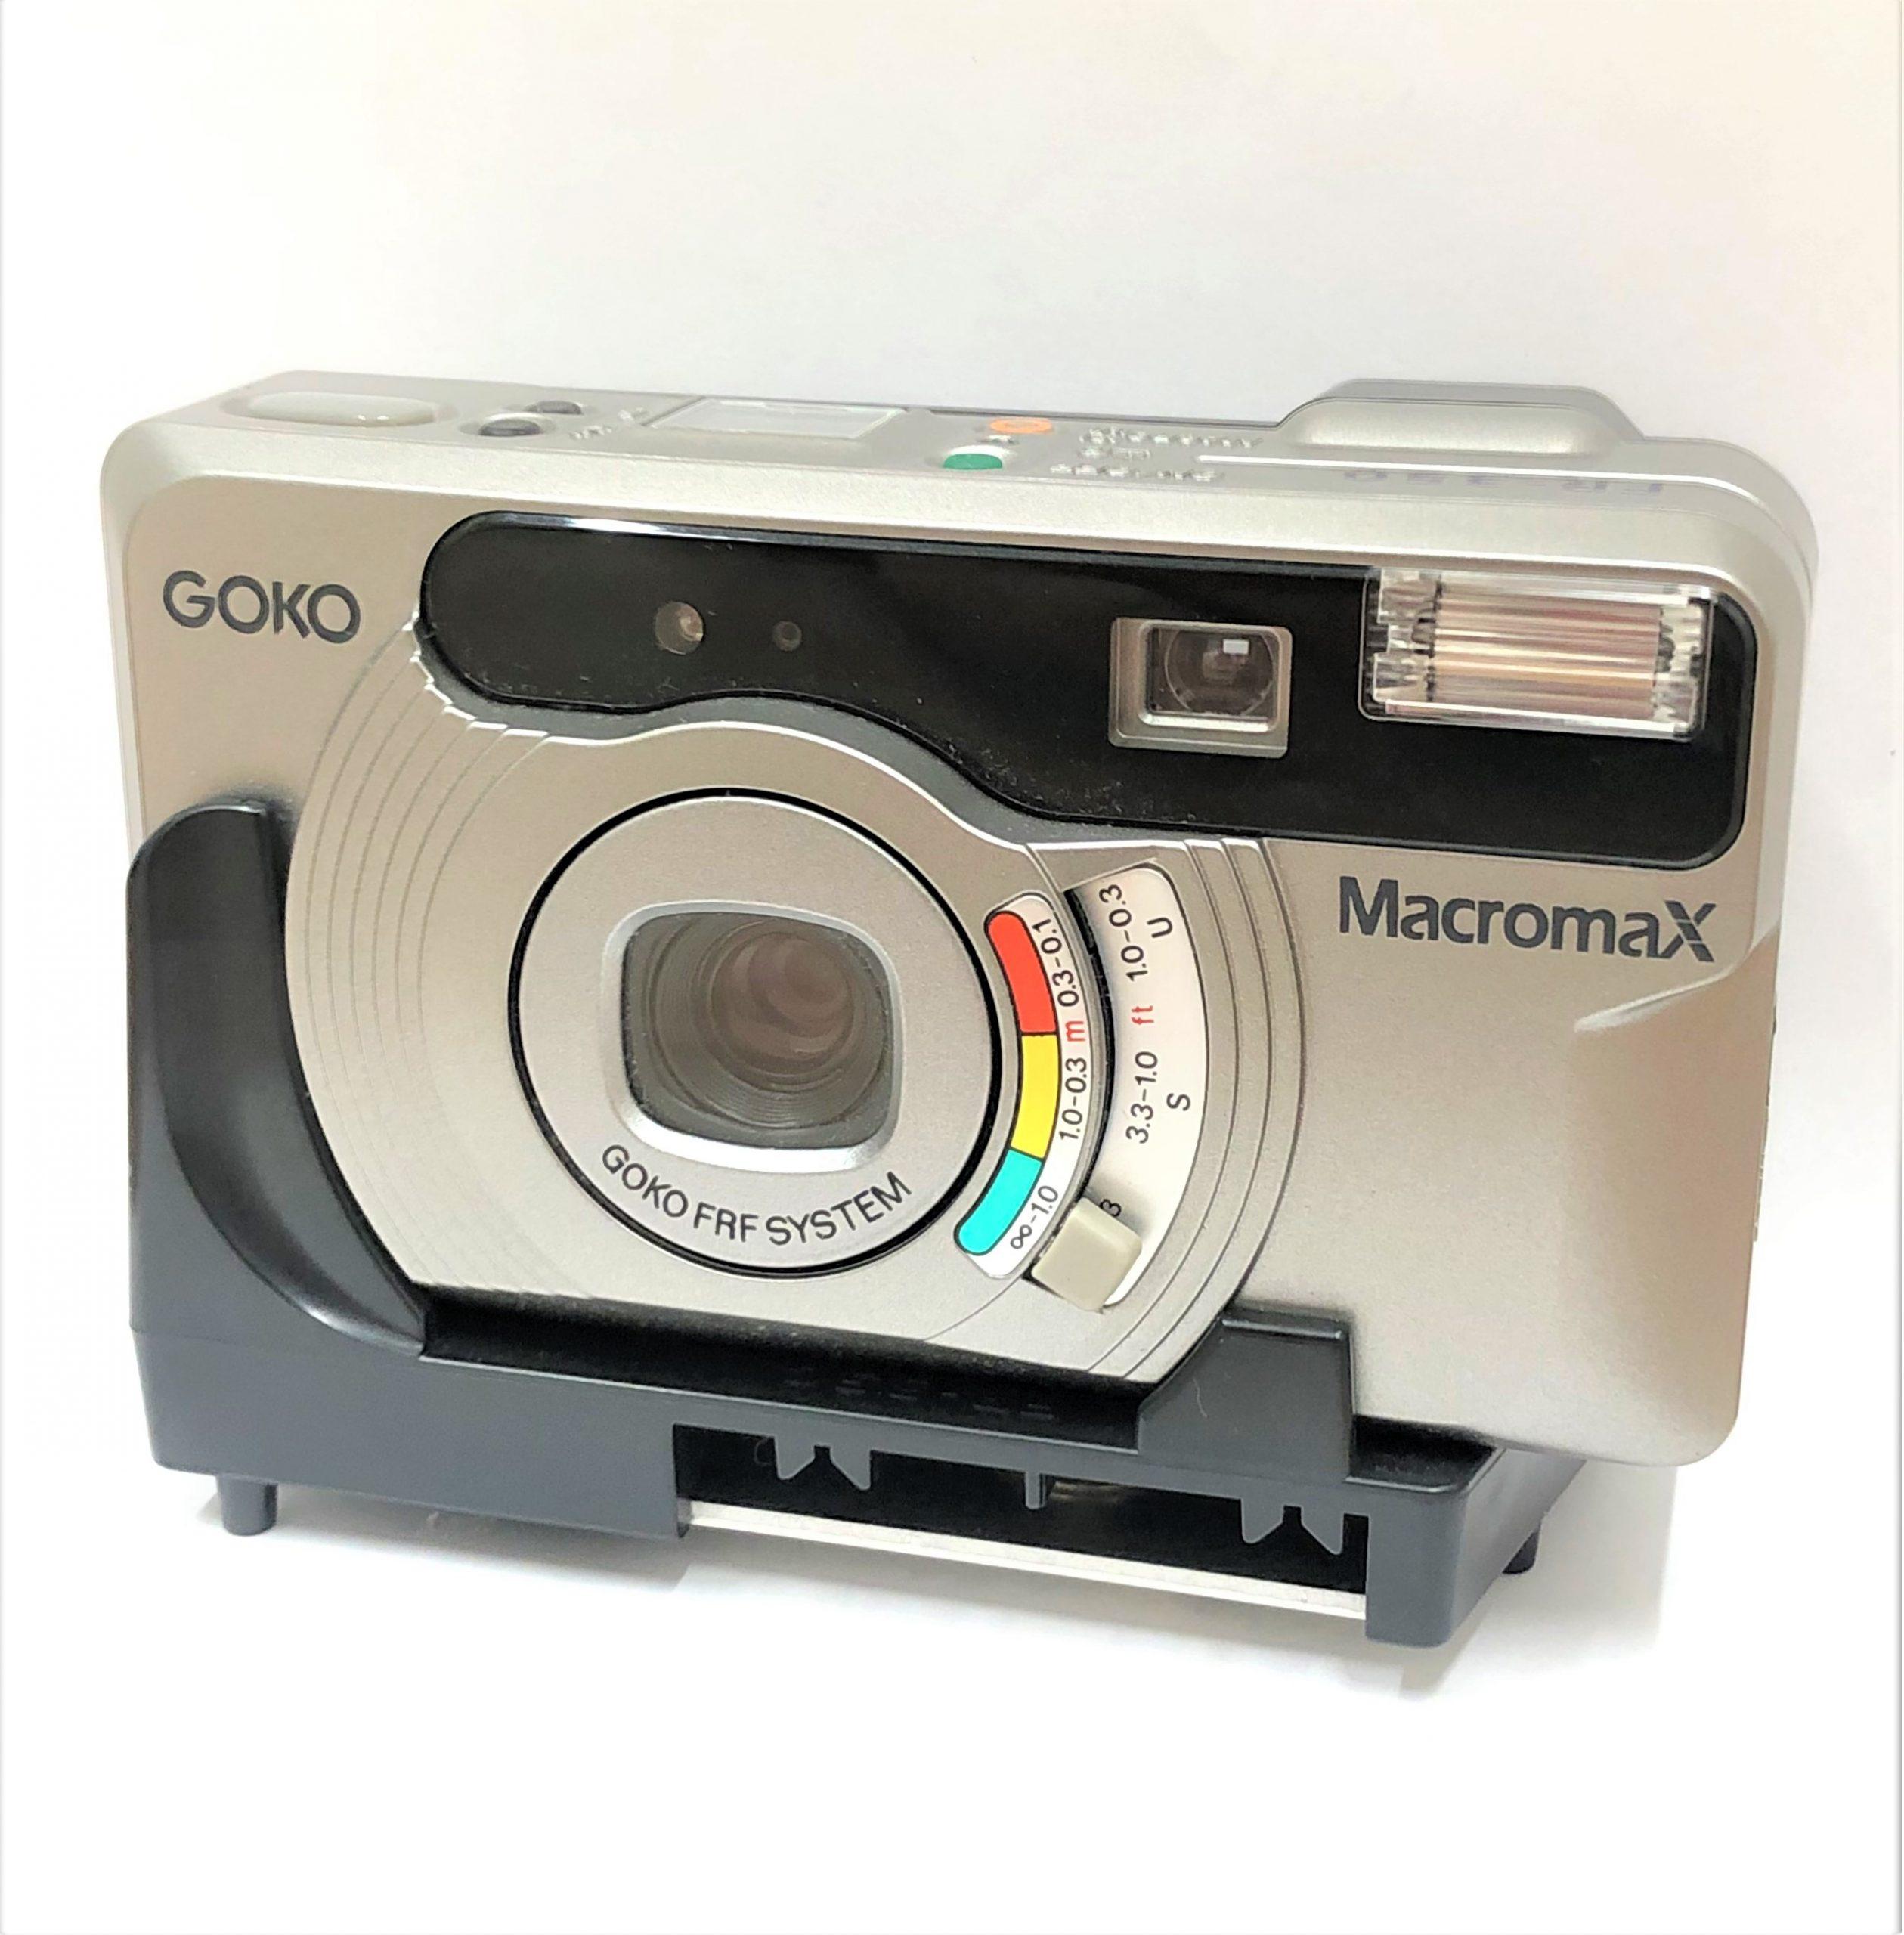 【GOKO/ゴコー】Macromax FR-350 コンパクトフィルムカメラ